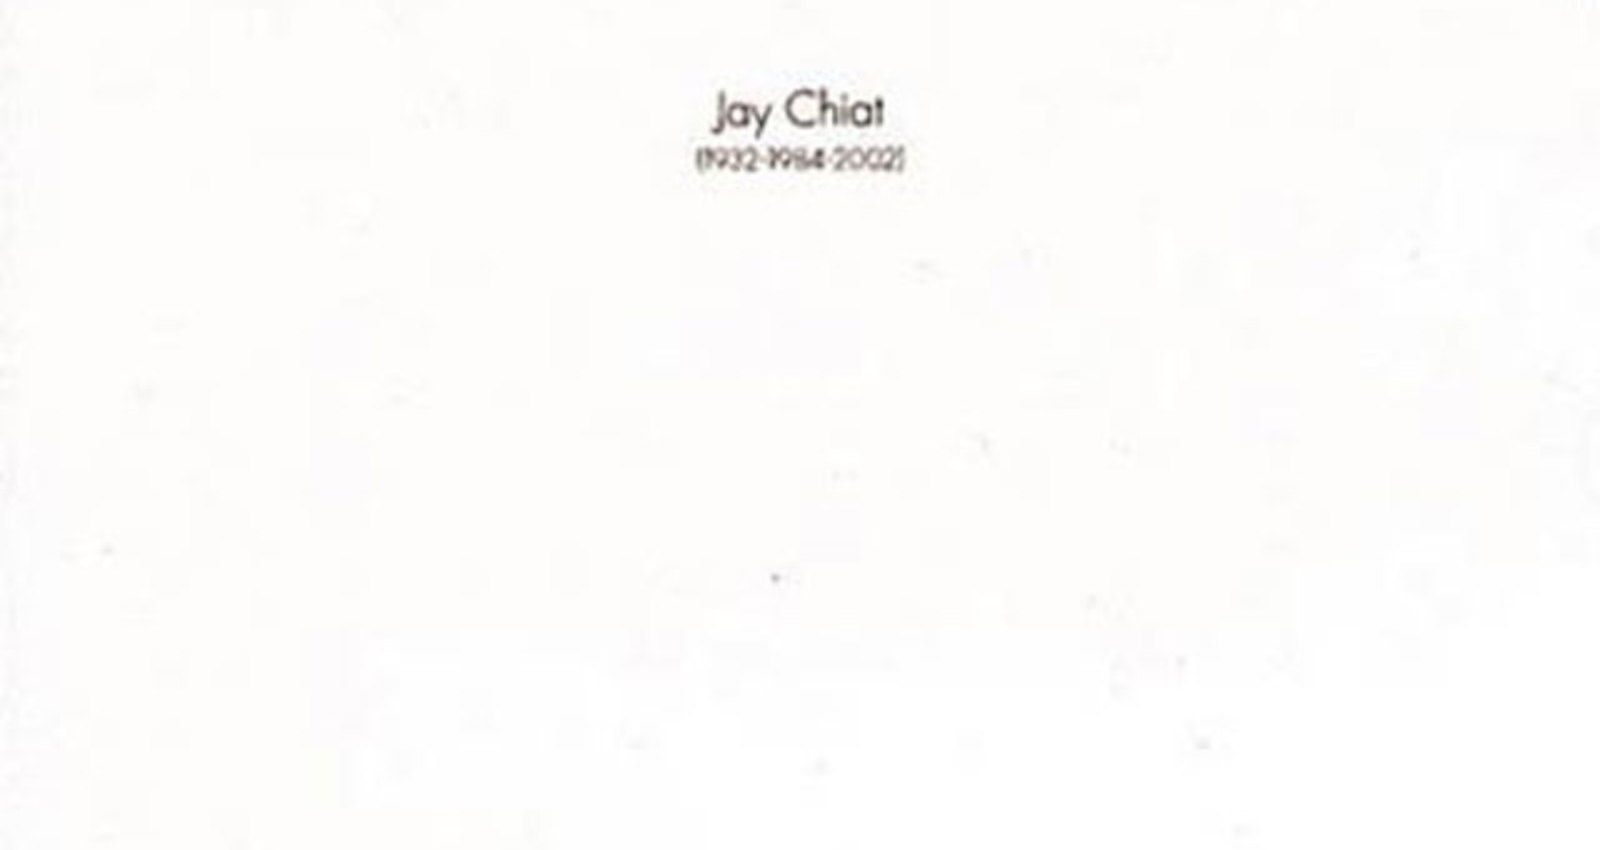 Jay Chiat